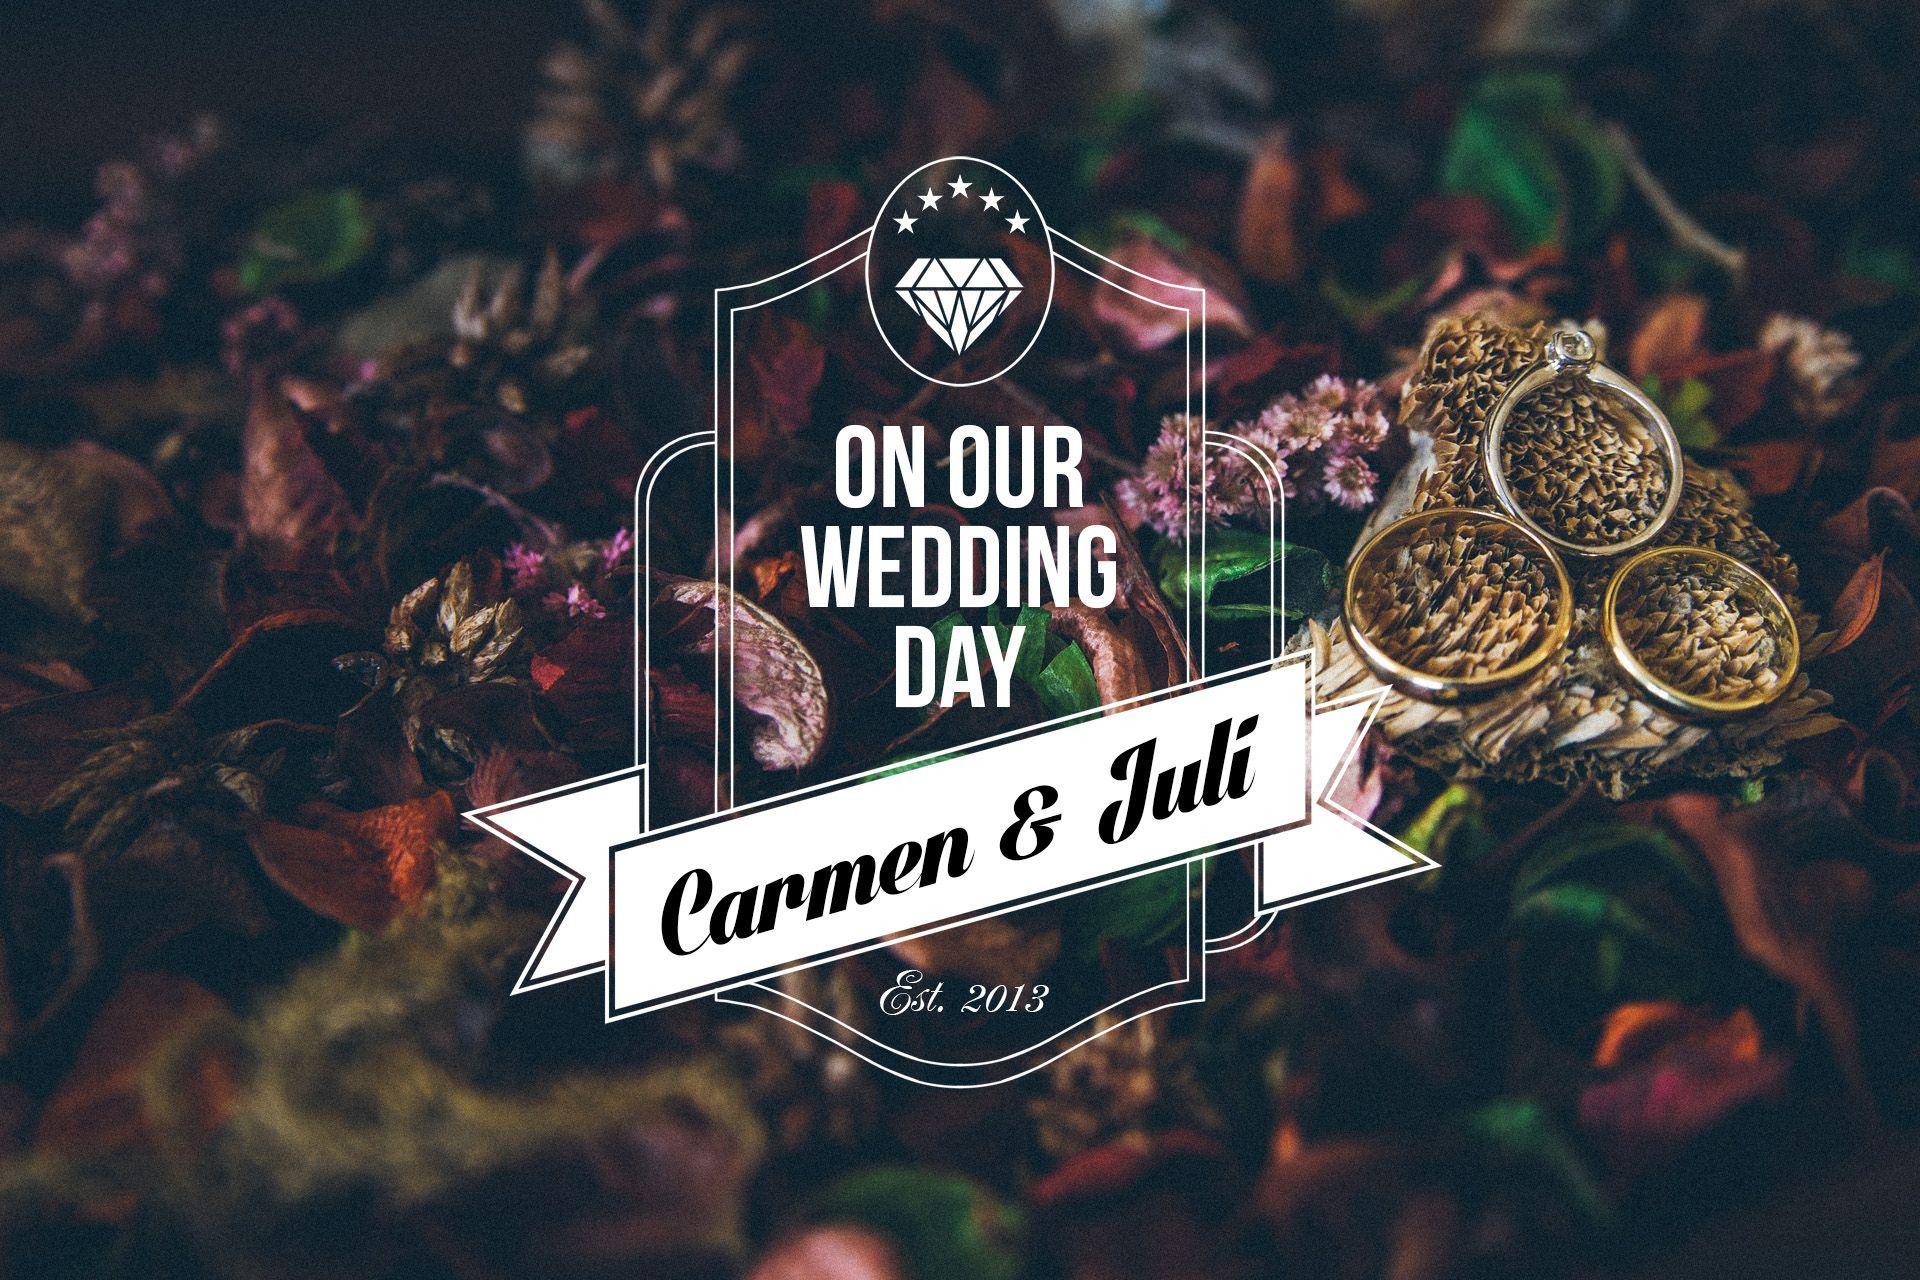 Cinematografia de bodas en Cartagena